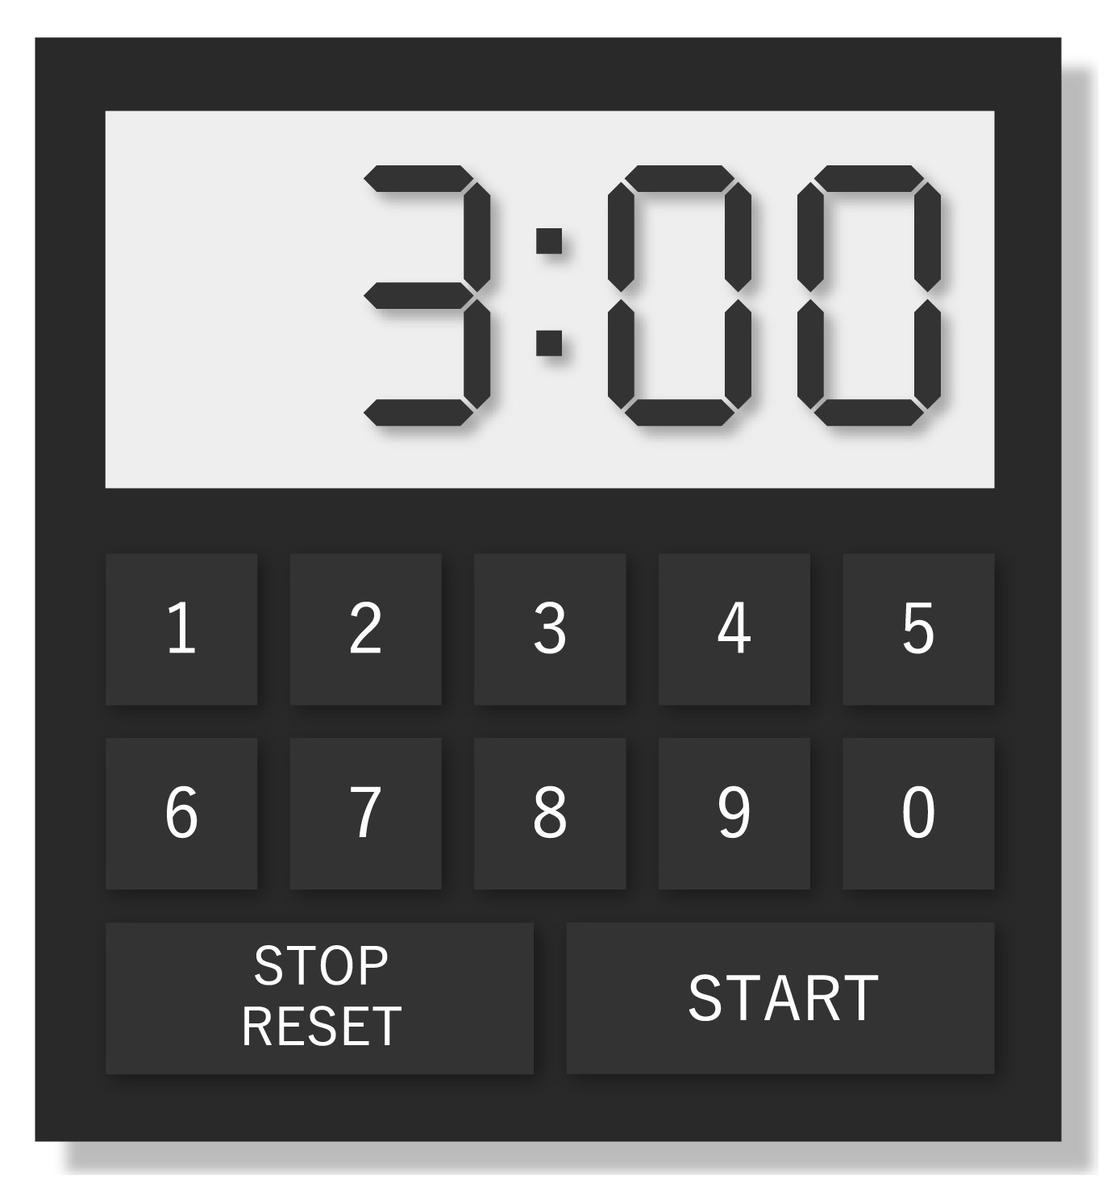 3:00と表示されているタイマー